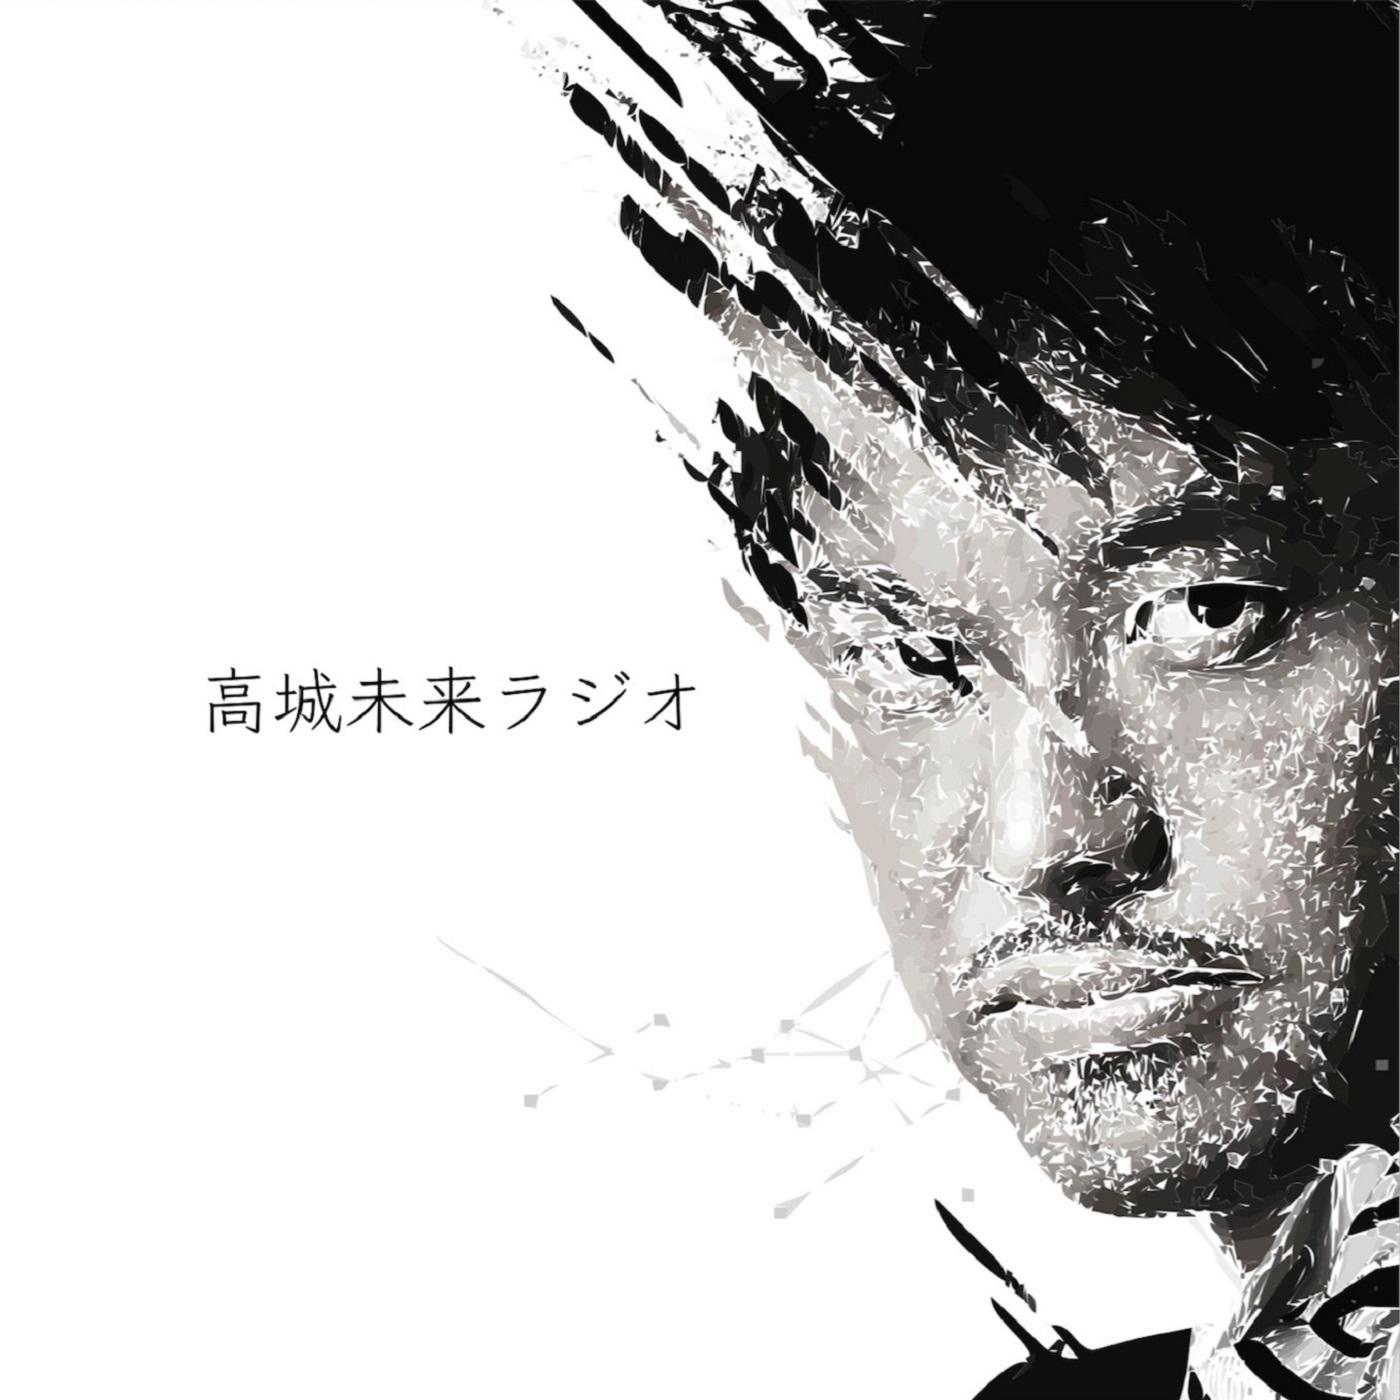 第47回 一流の鍵 -竹下雄真さん/デポルターレクラブ代表 パーソナルトレーナー(後編)